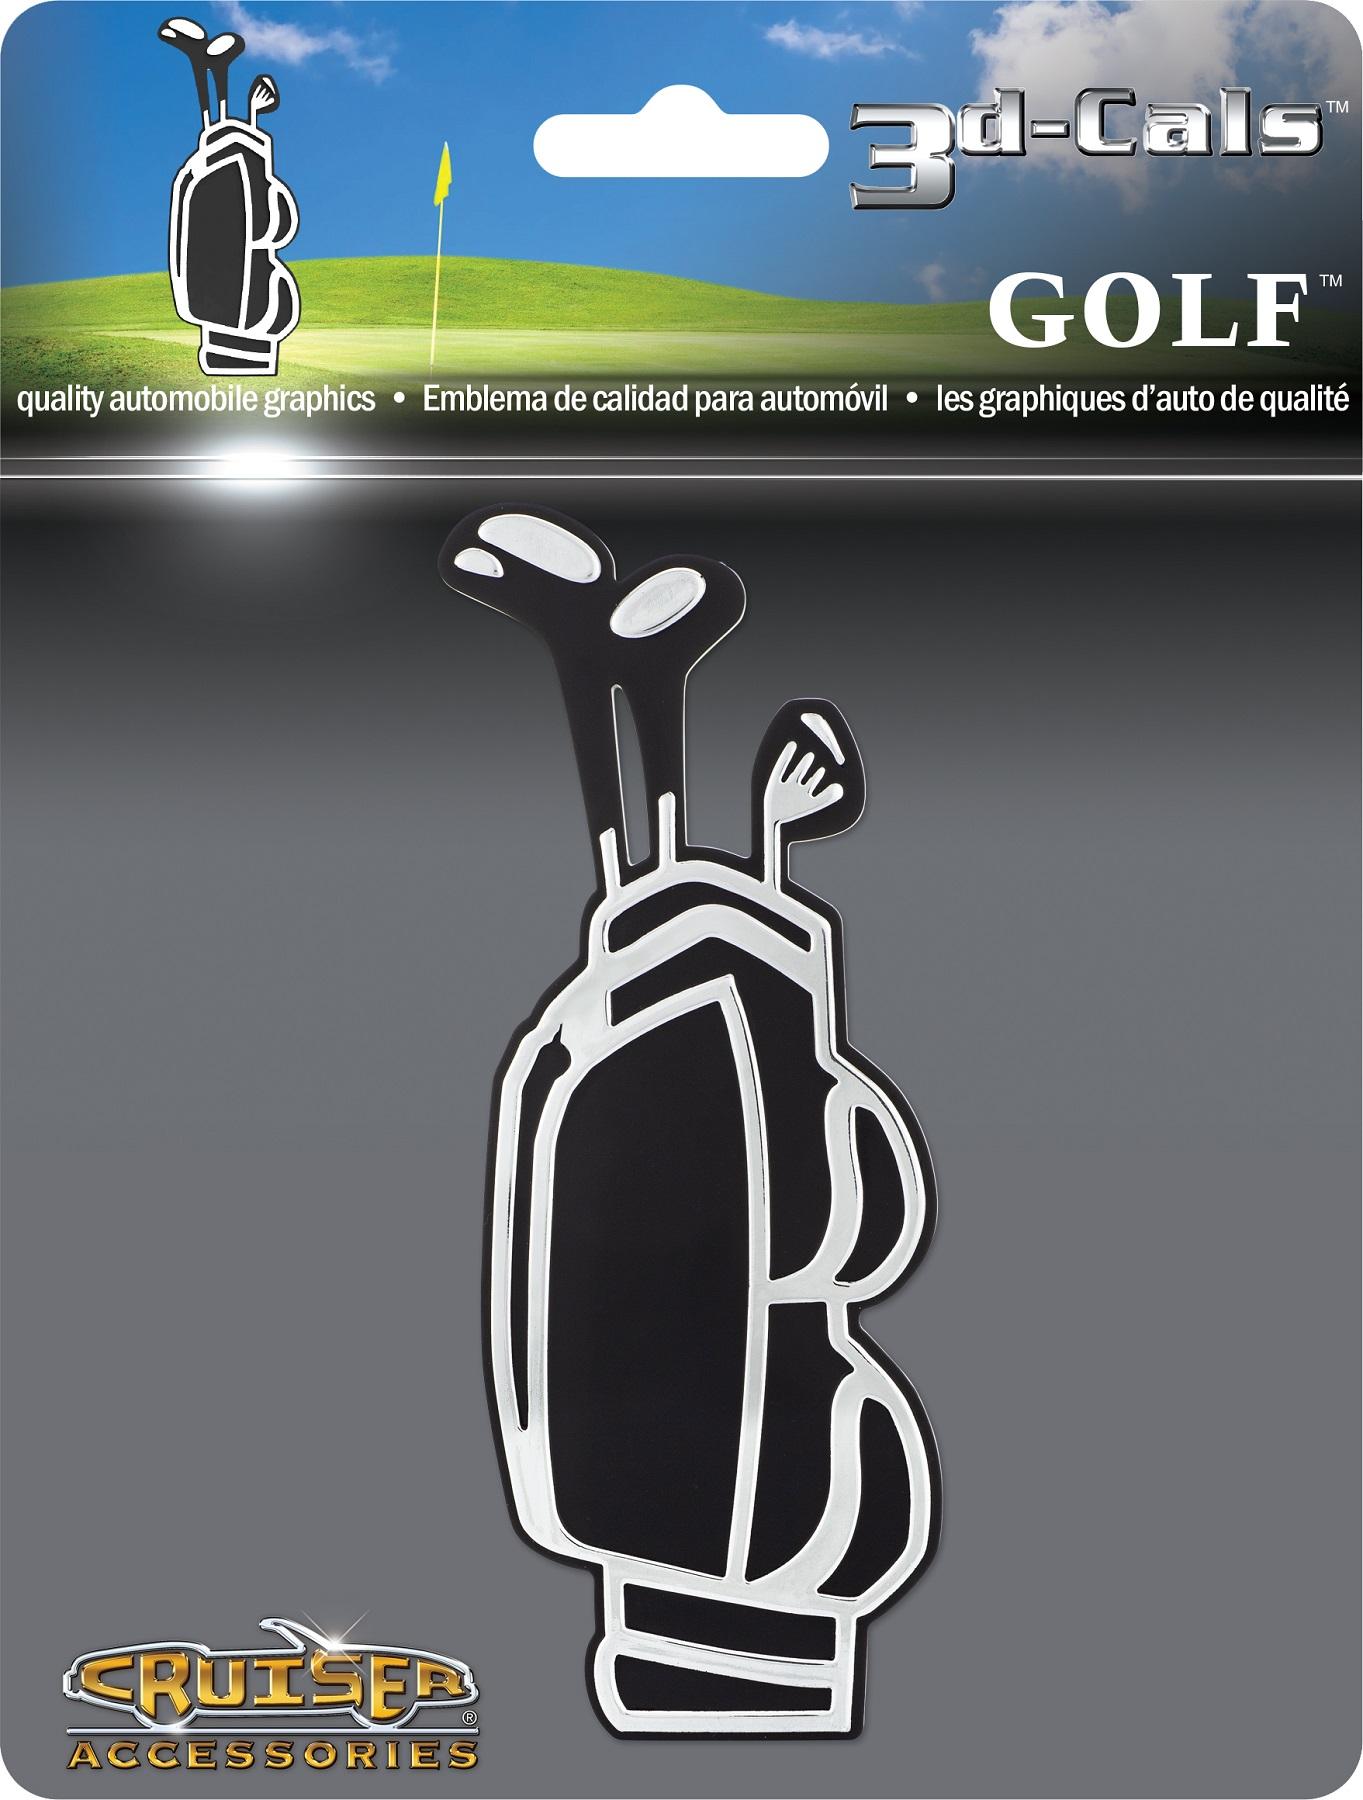 GOLF CLUB Bag Chrome Auto Emblem